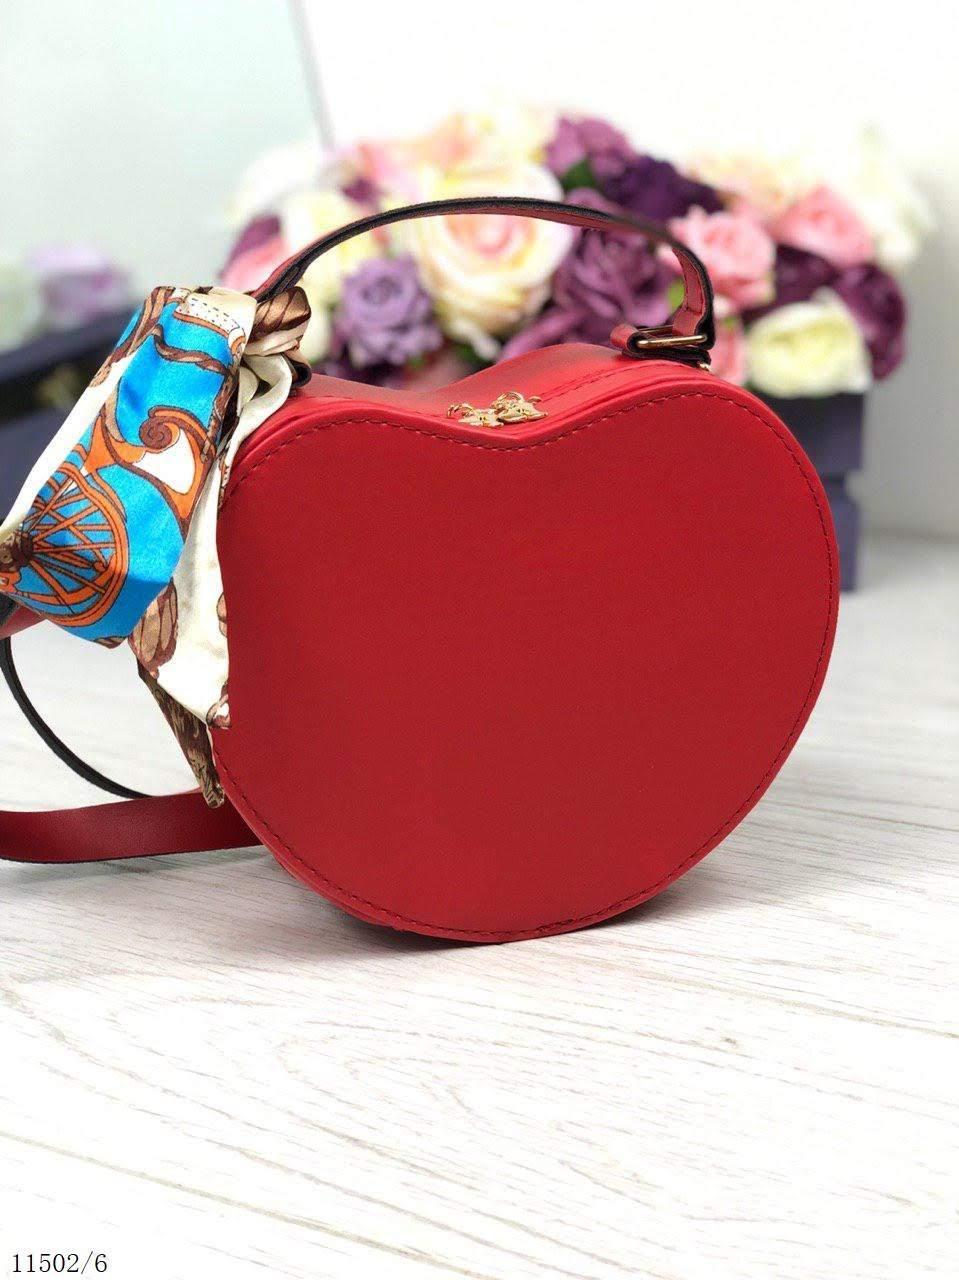 06fe25eecd25 Женская сумочка через плечо на длинном ремешке сумка клатч красный кожзам -  Интернет-магазин Seveni